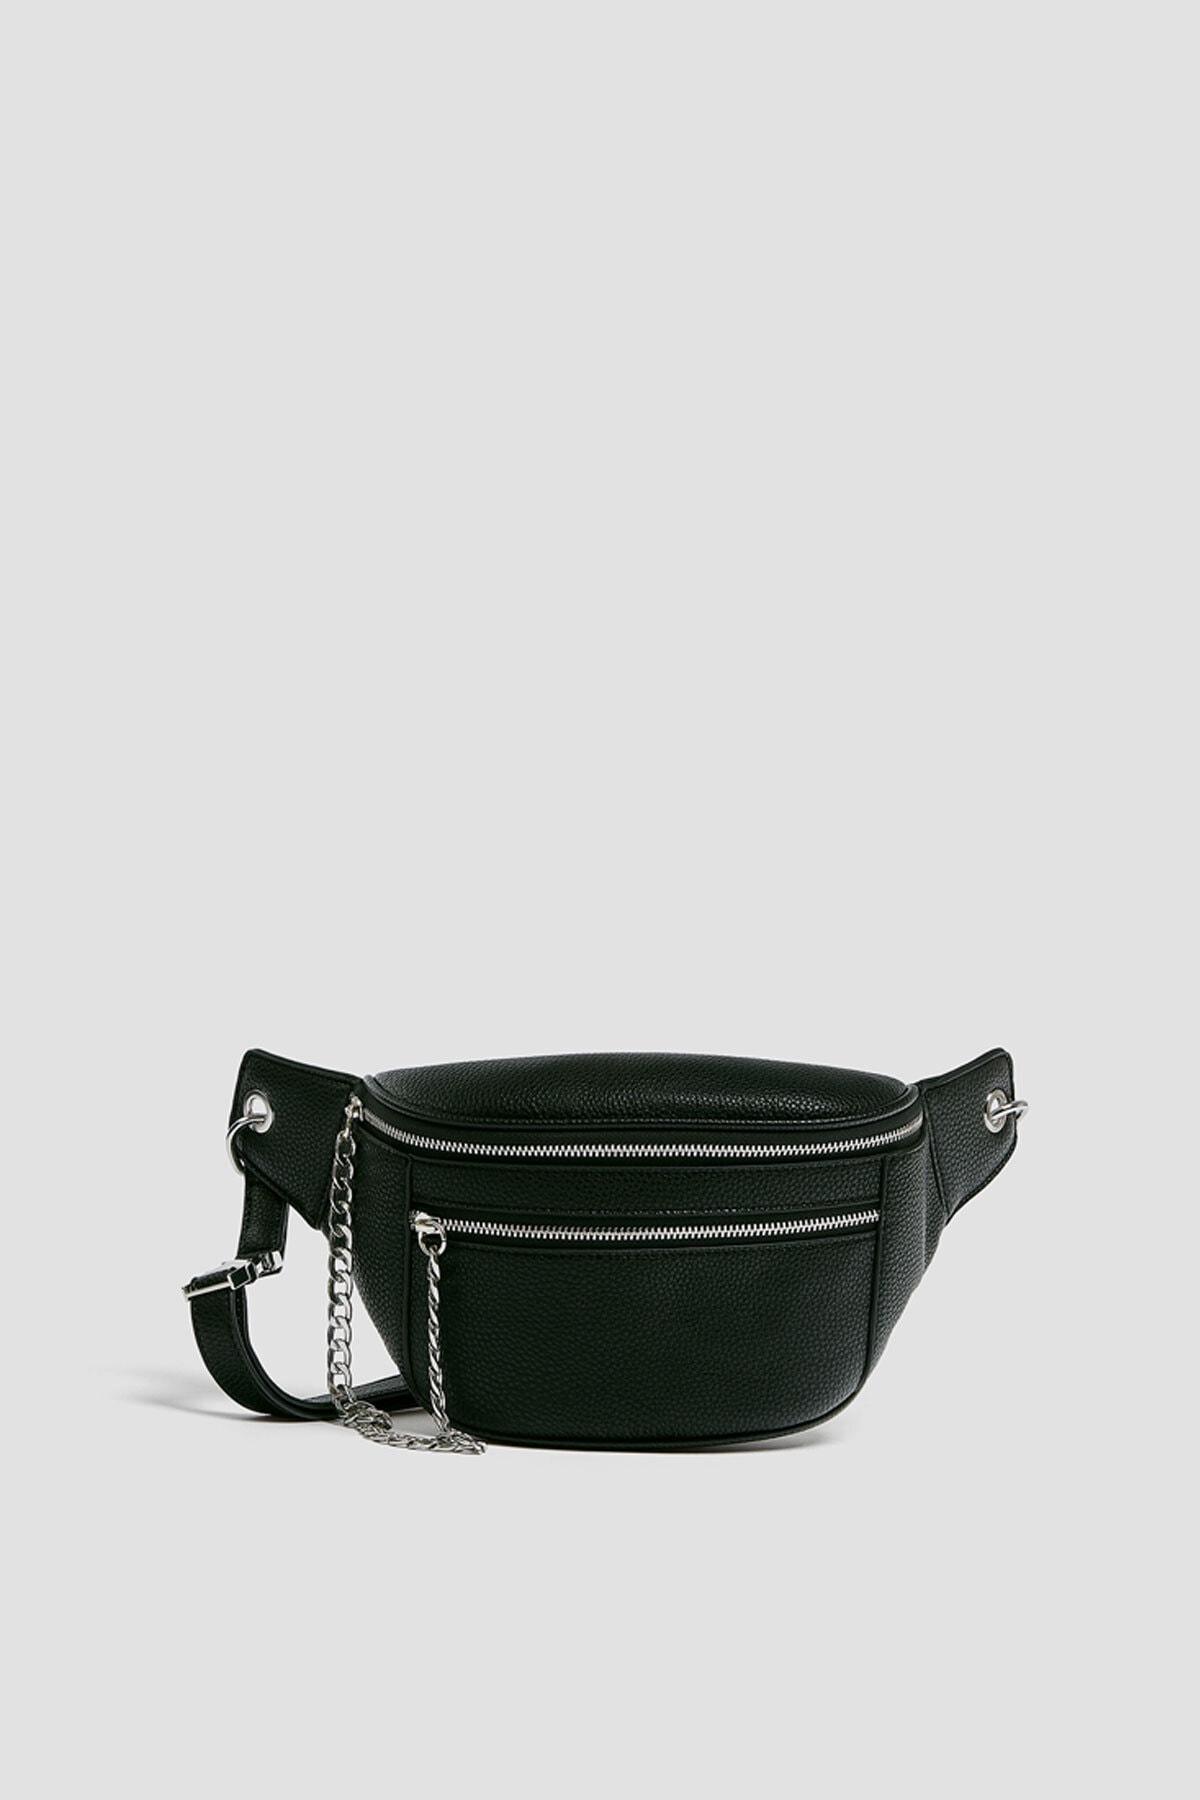 Pull & Bear Kadın Siyah Zincir Detaylı Bel Çantası 14007640